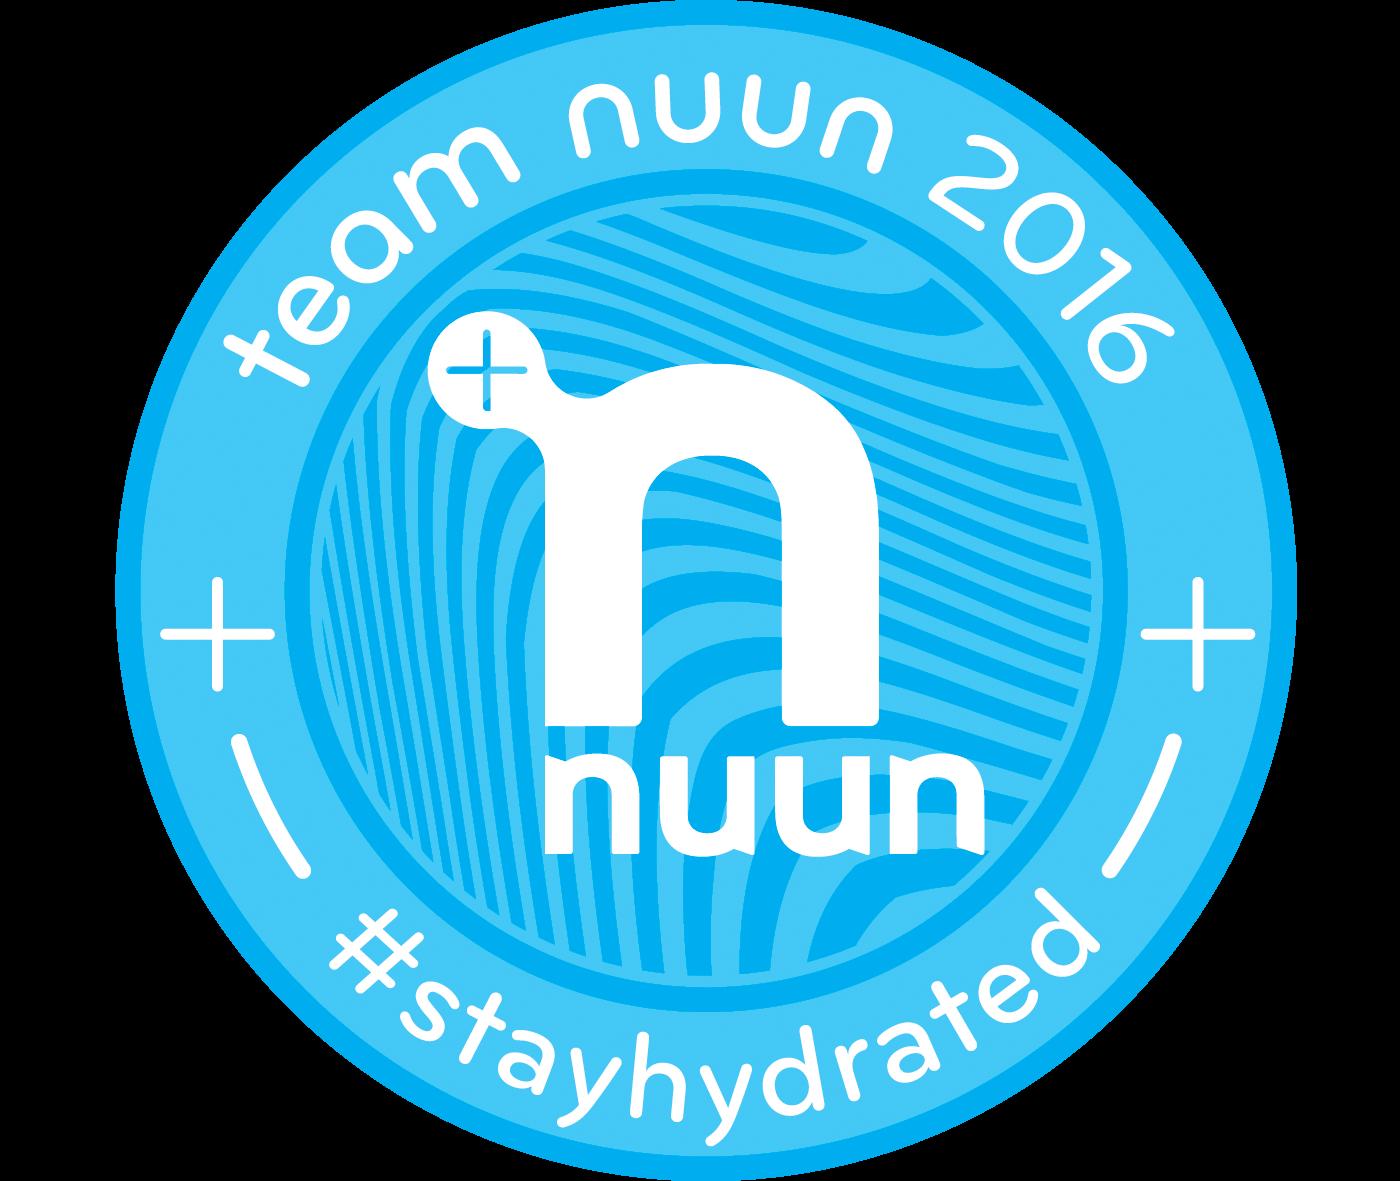 Team Nuun 2016!